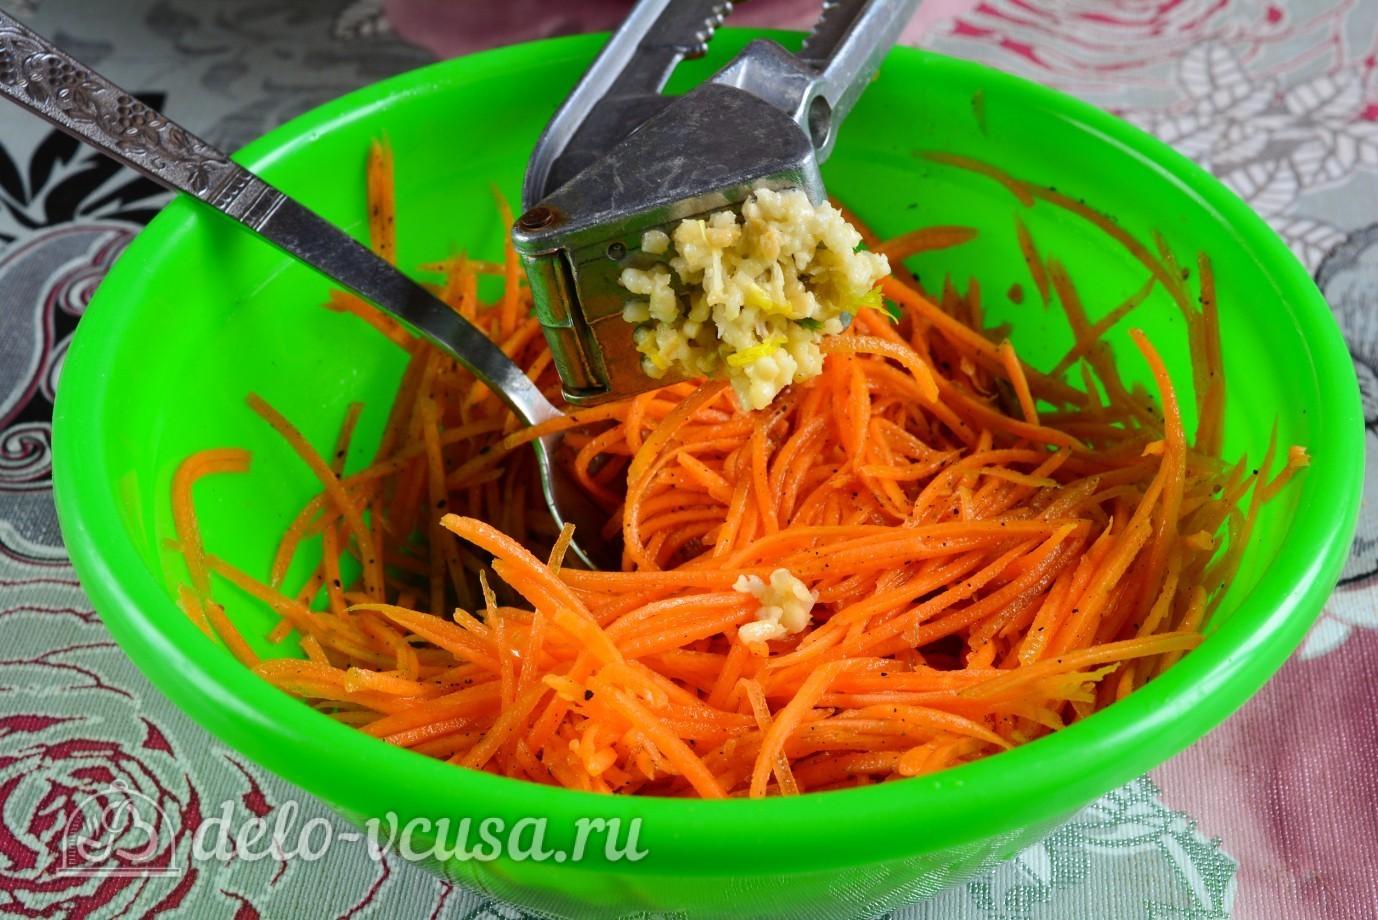 Как приготовить морковку по-корейски с приправой в домашних условиях 367